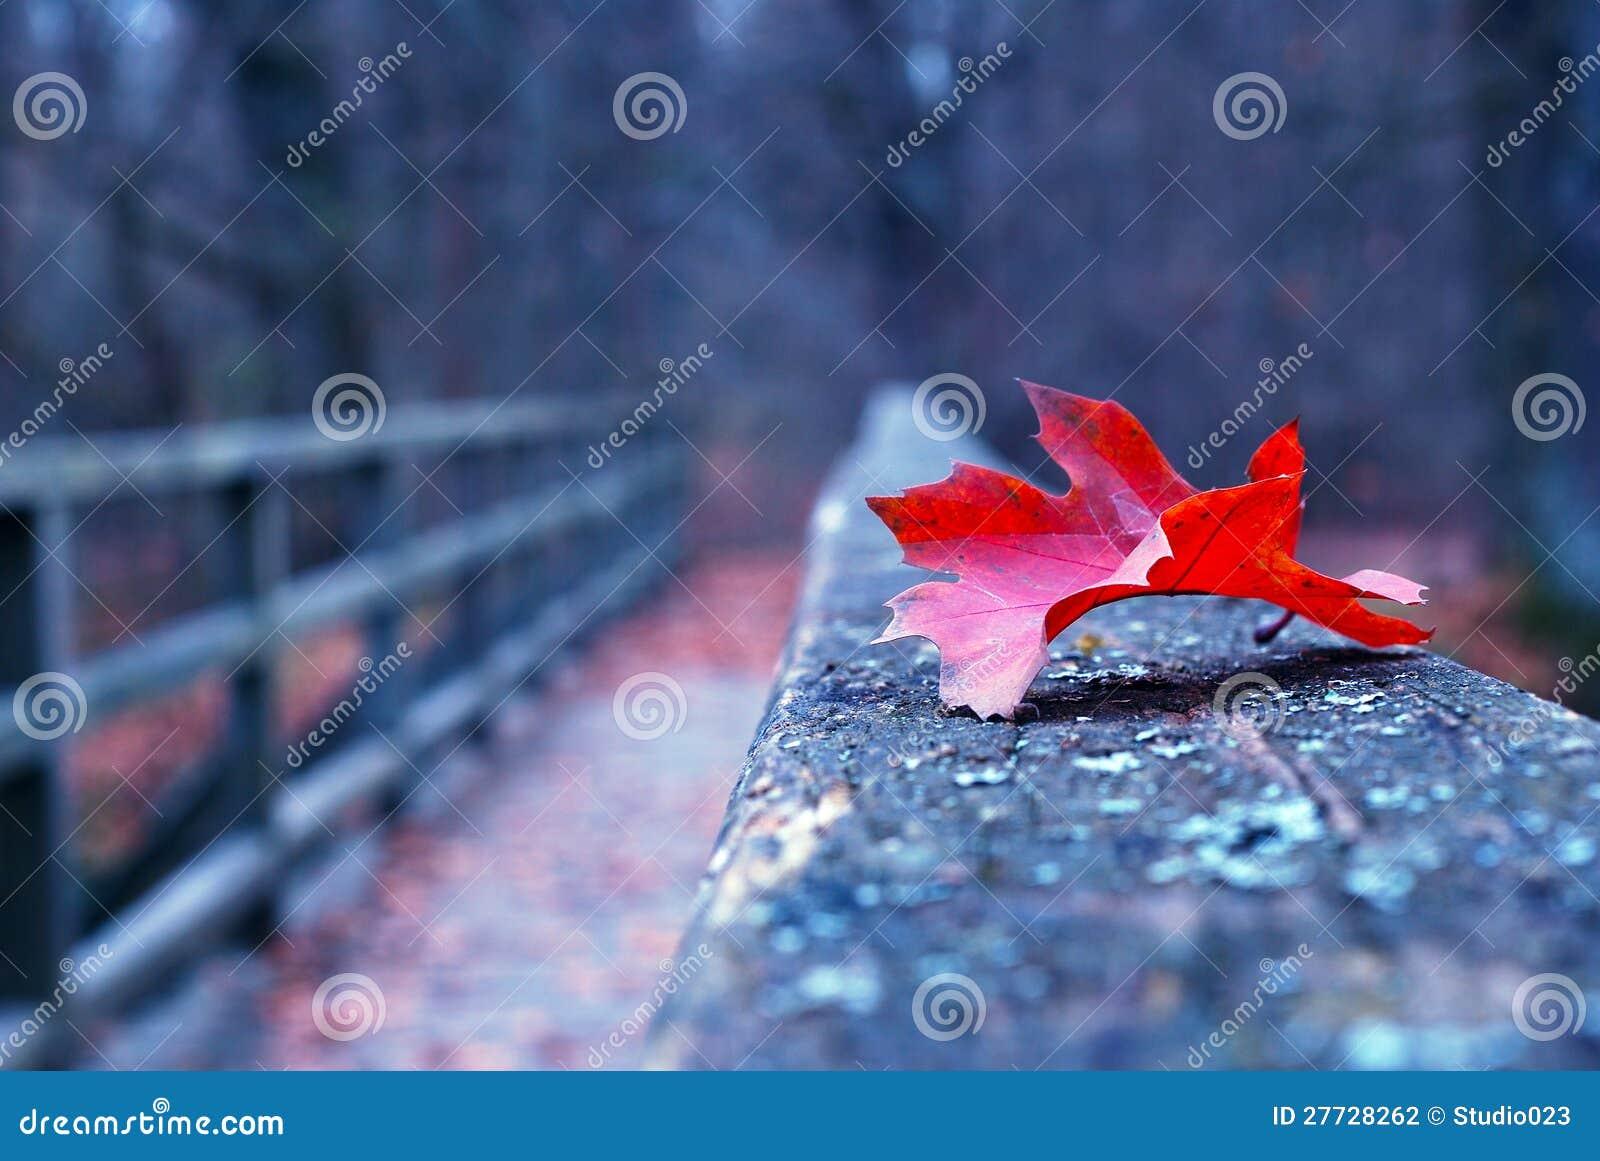 Rotes Herbstblatt auf alter hölzerner Brücke